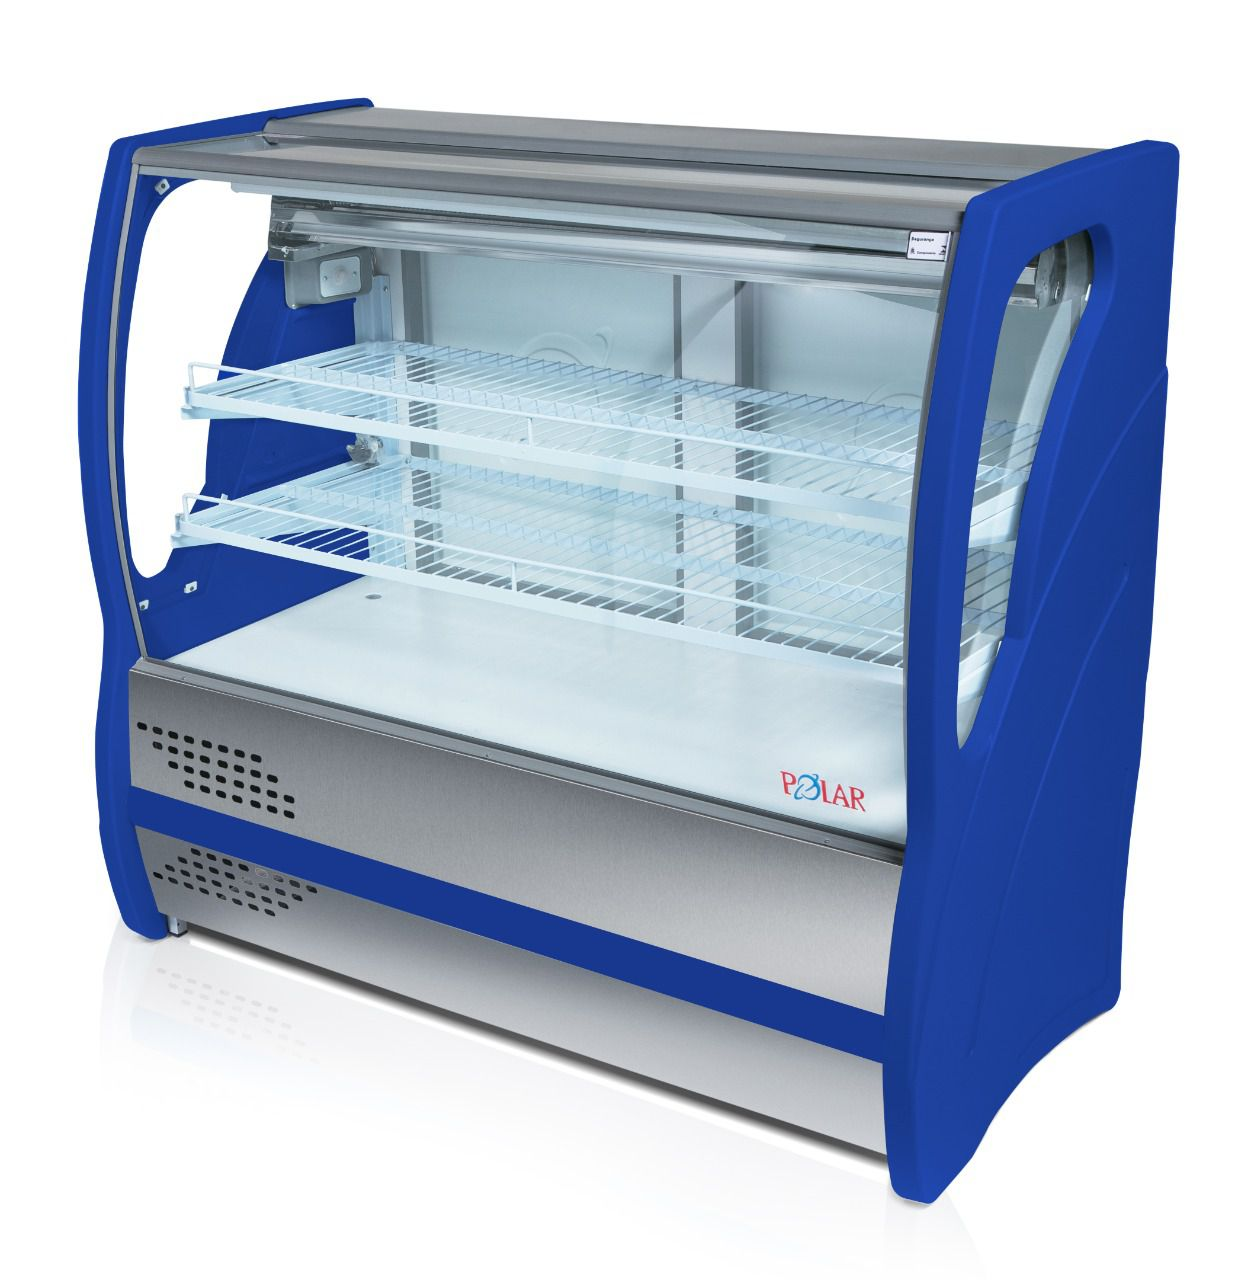 Balcão Refrigerado para Bolos, Torta, Doces 2 Mts - Polar